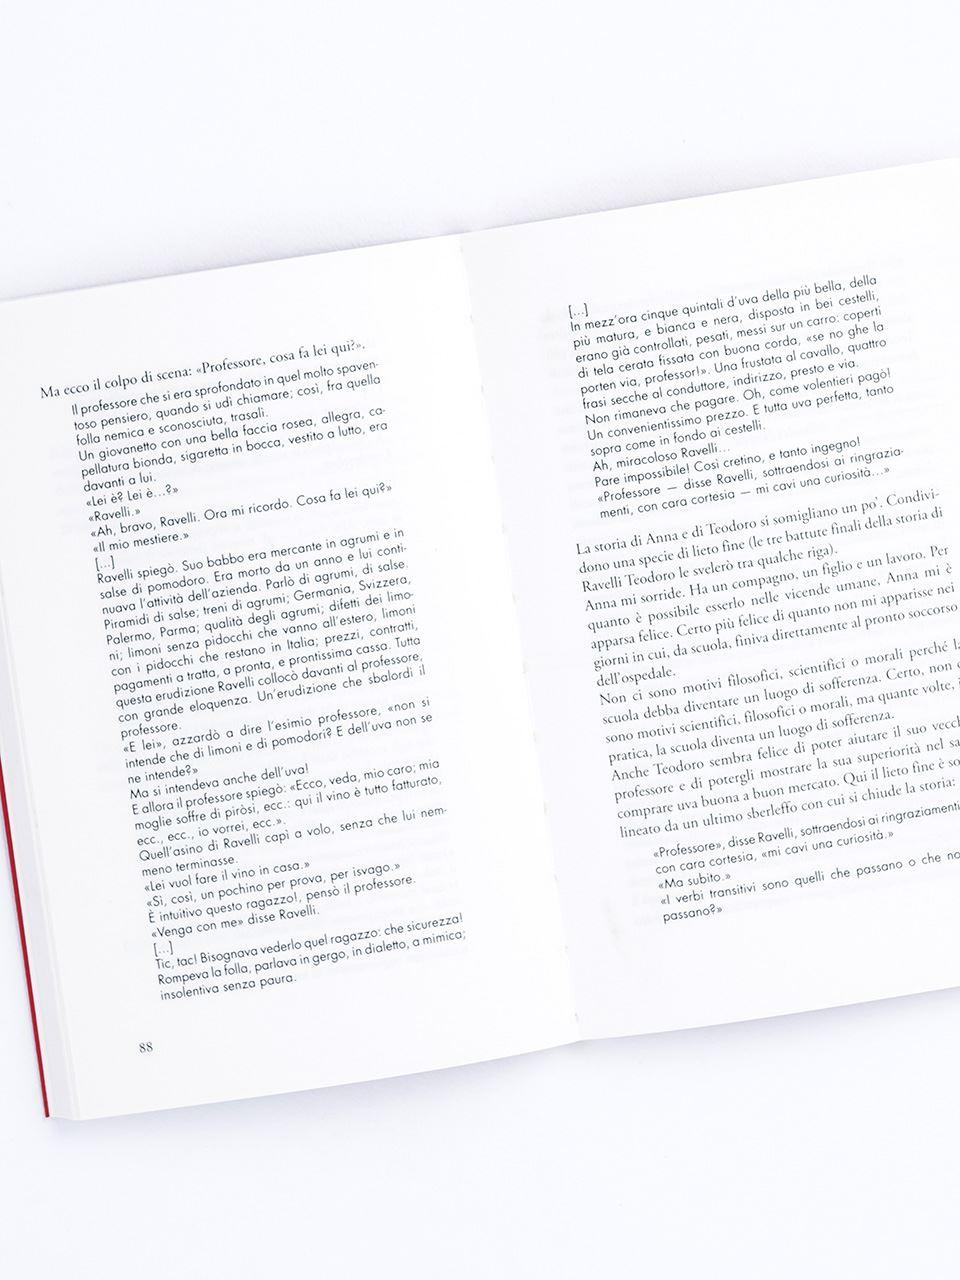 Talvolta i fiumi straripano - Libri - Erickson 2